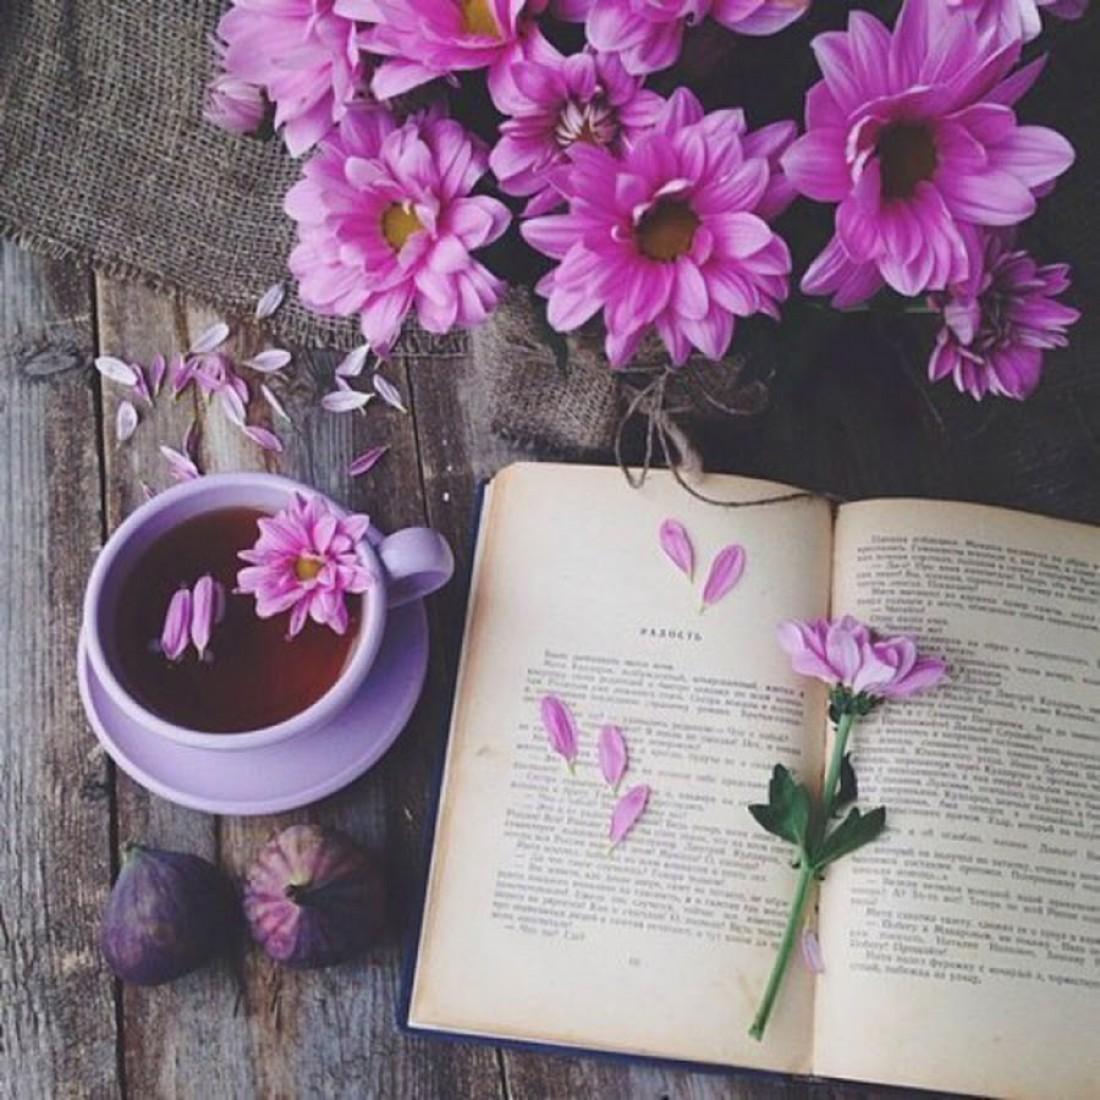 Польза не во многих, но в хороших книгах (Сенека)